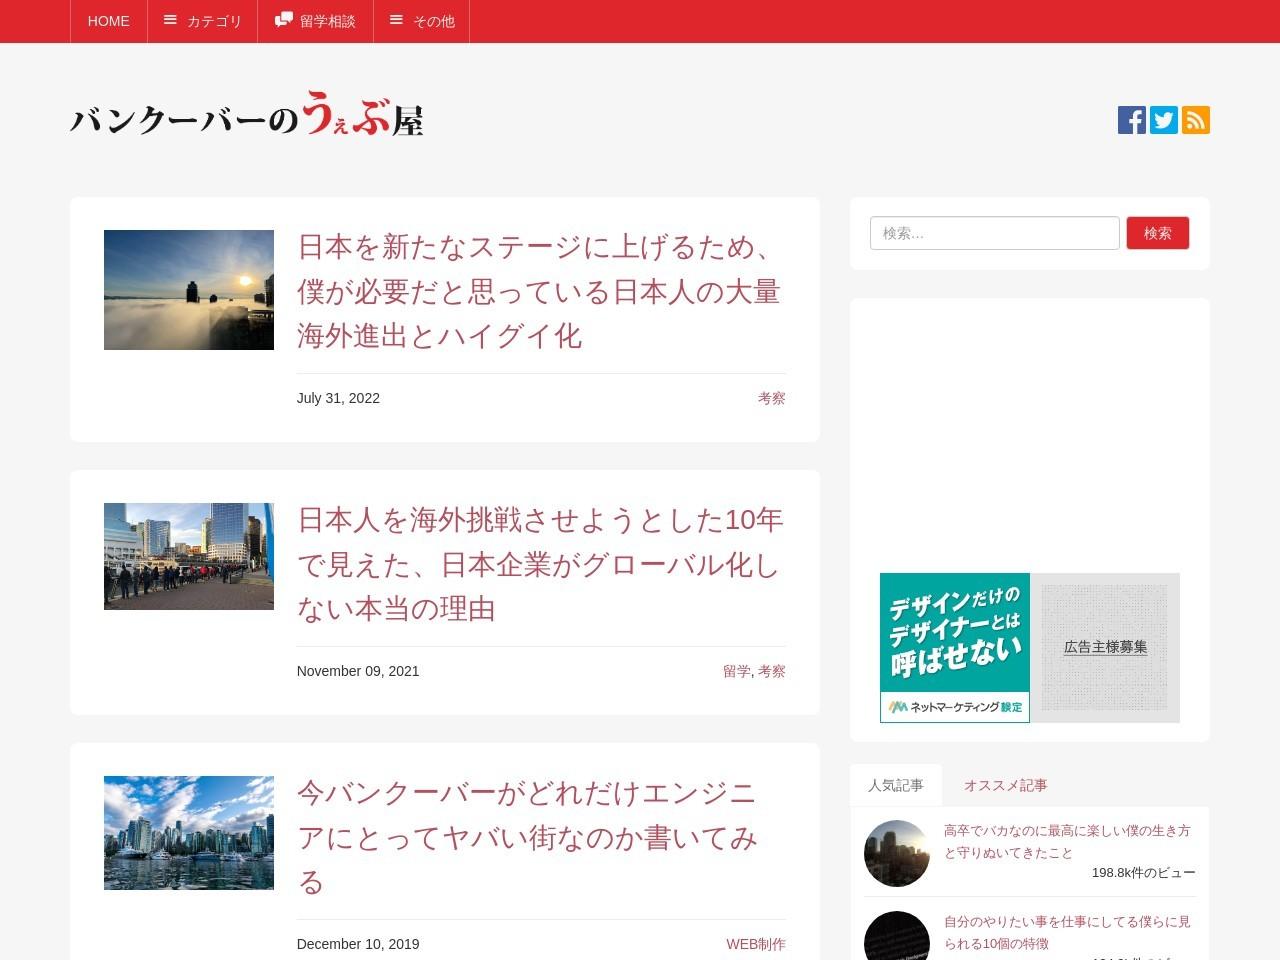 http://webya.opdsgn.com/introduceweb/roundupforwebdesignblog2013/